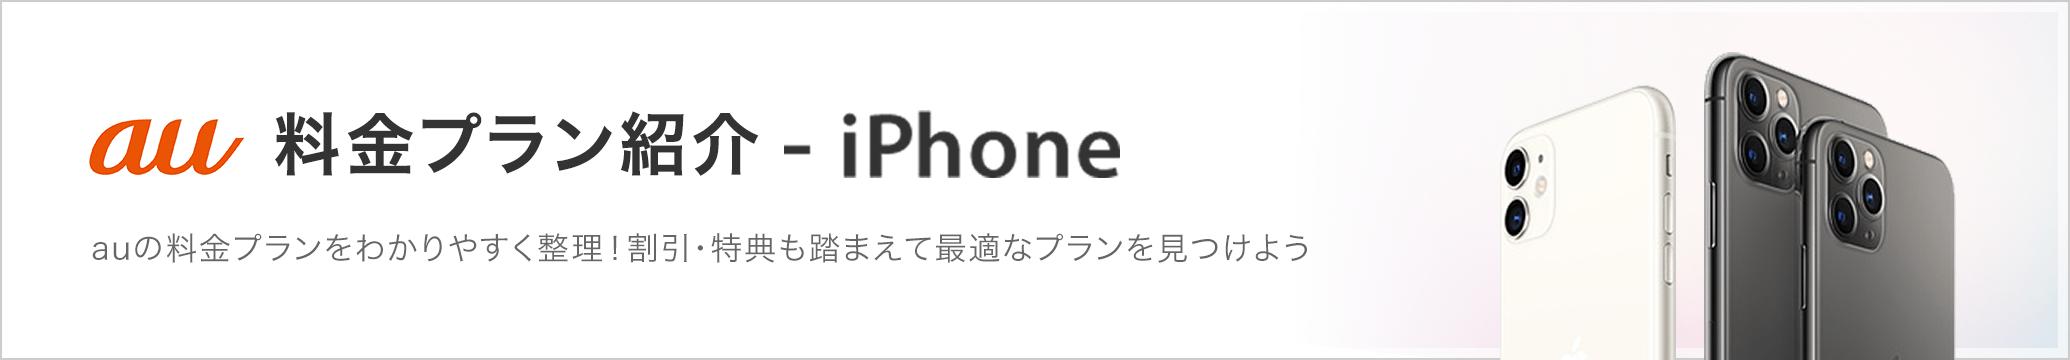 au 料金プラン紹介-iPhone auの料金プランをわかりやすく整理!割引・特典も踏まえて最適なプランを見つけよう